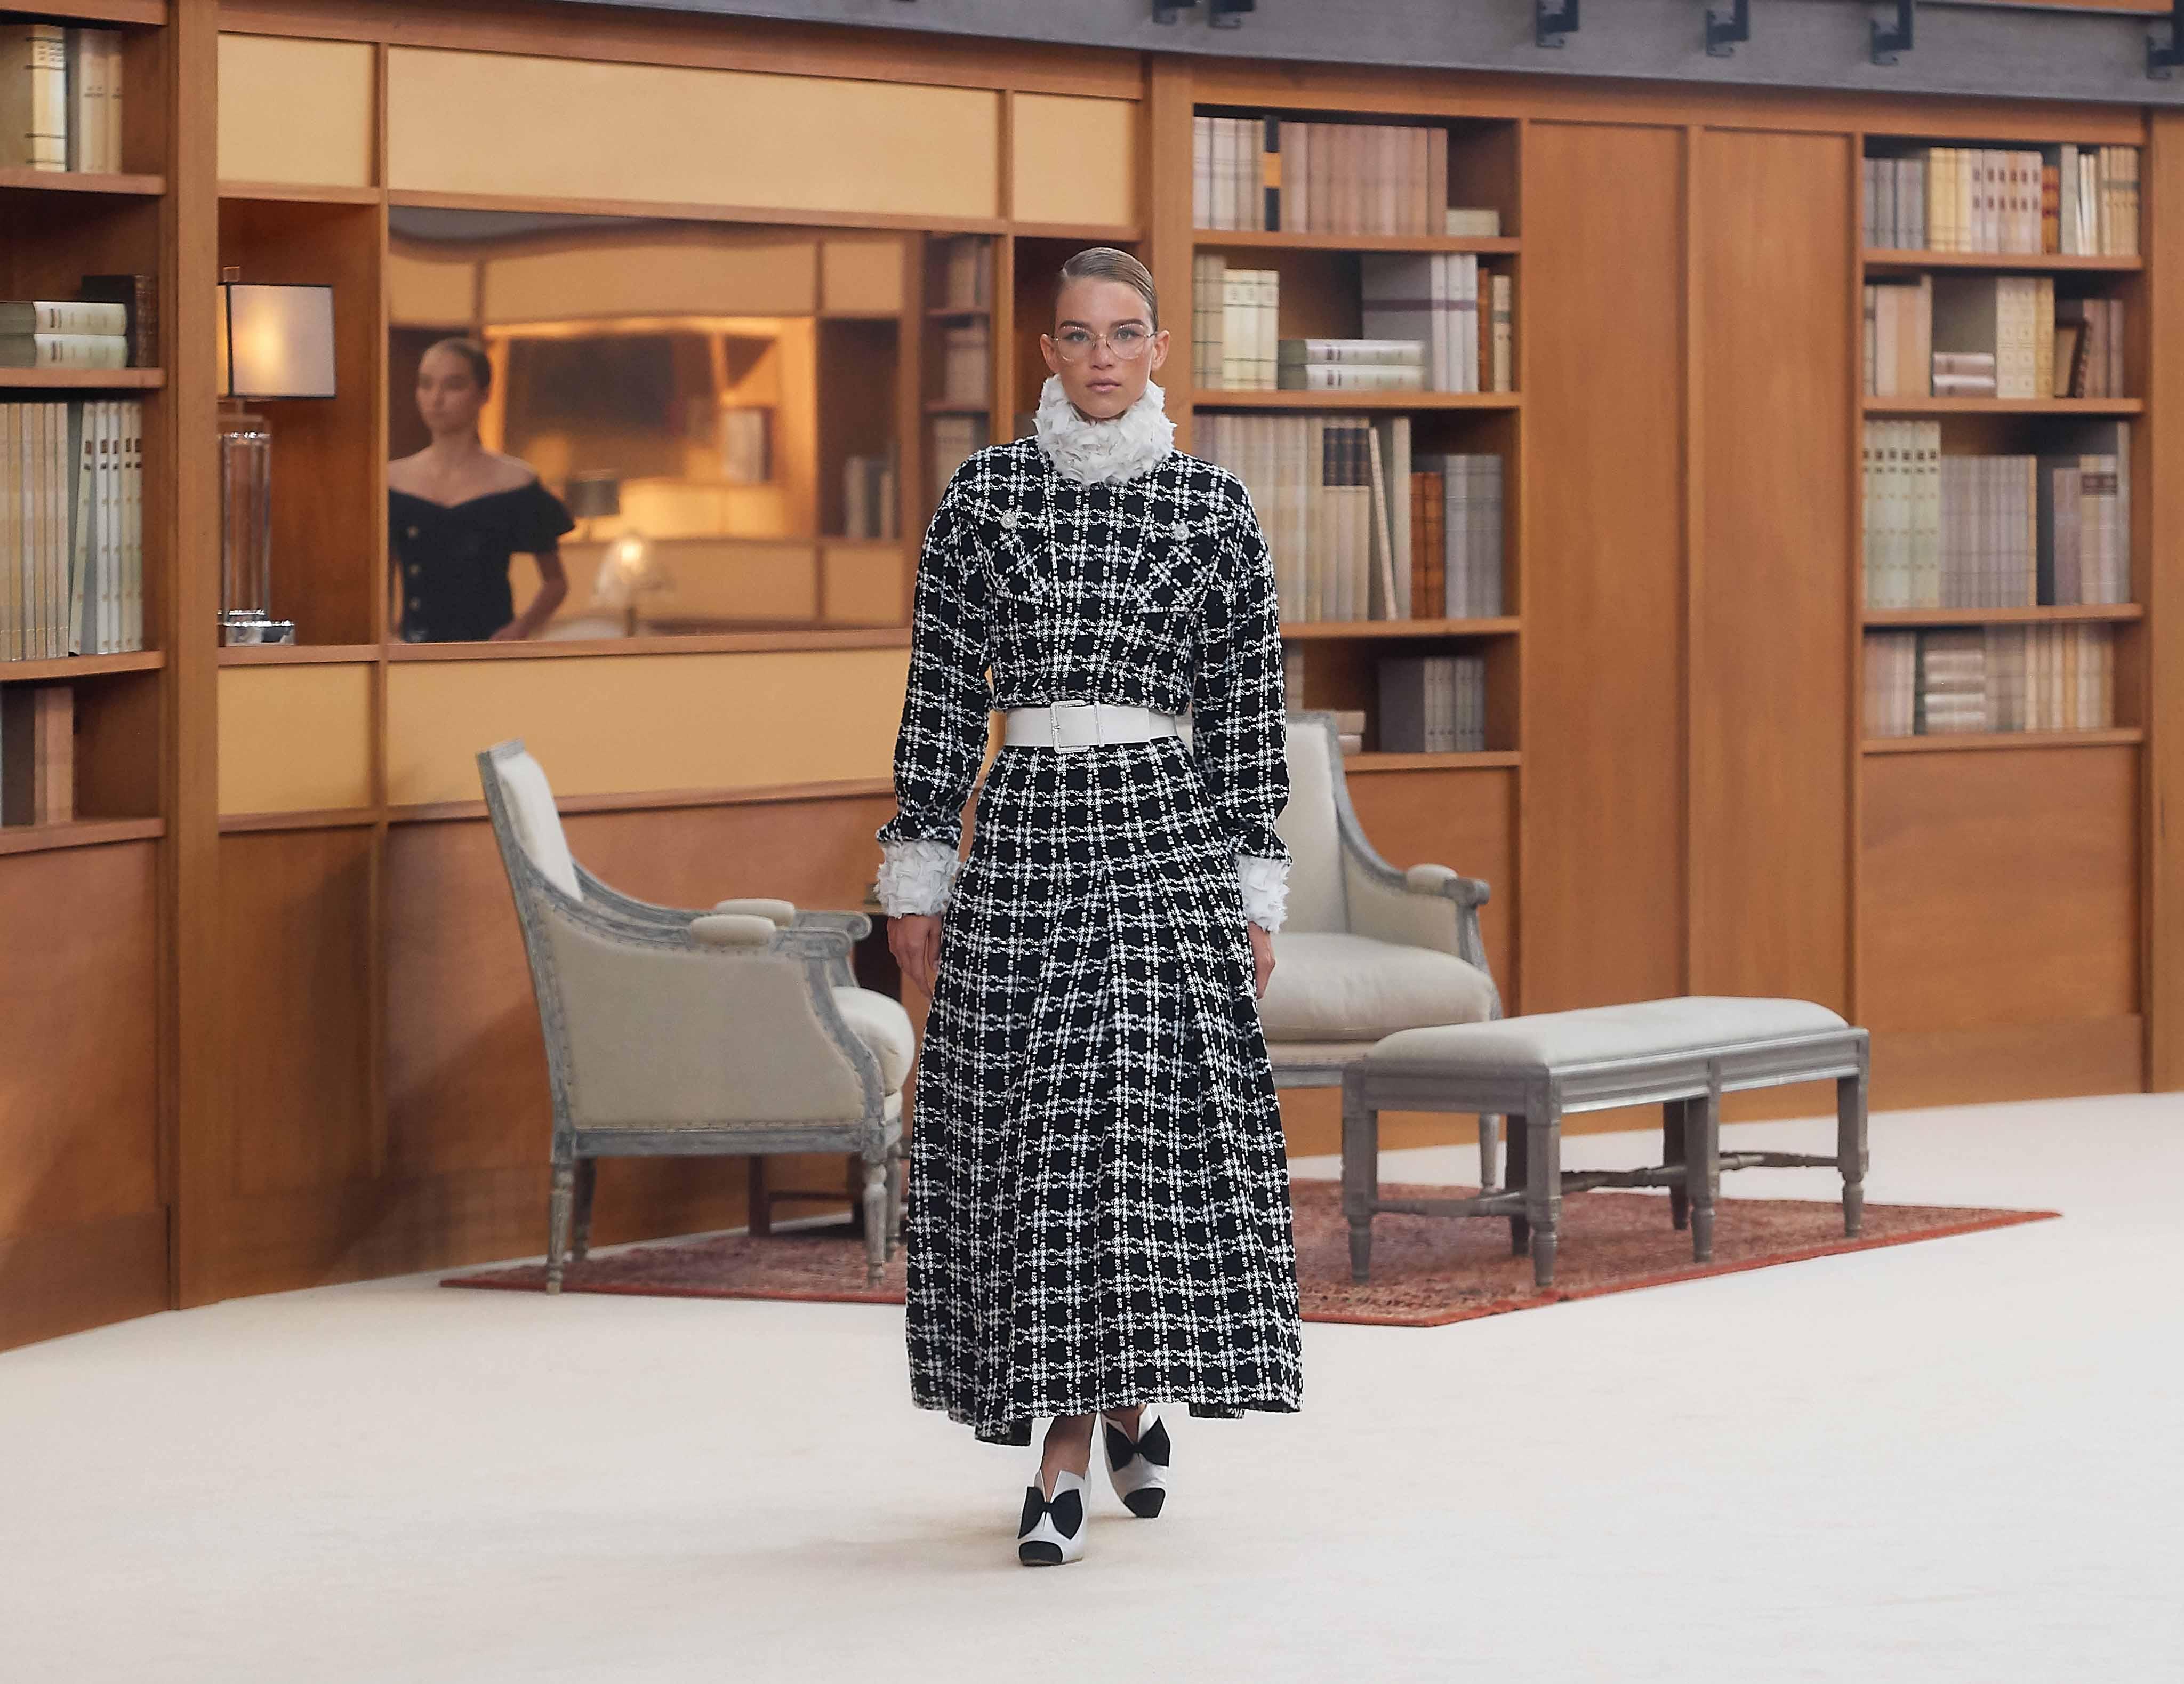 áo choàng dài kẻ ô đen trắng chanel haute couture aw 2019